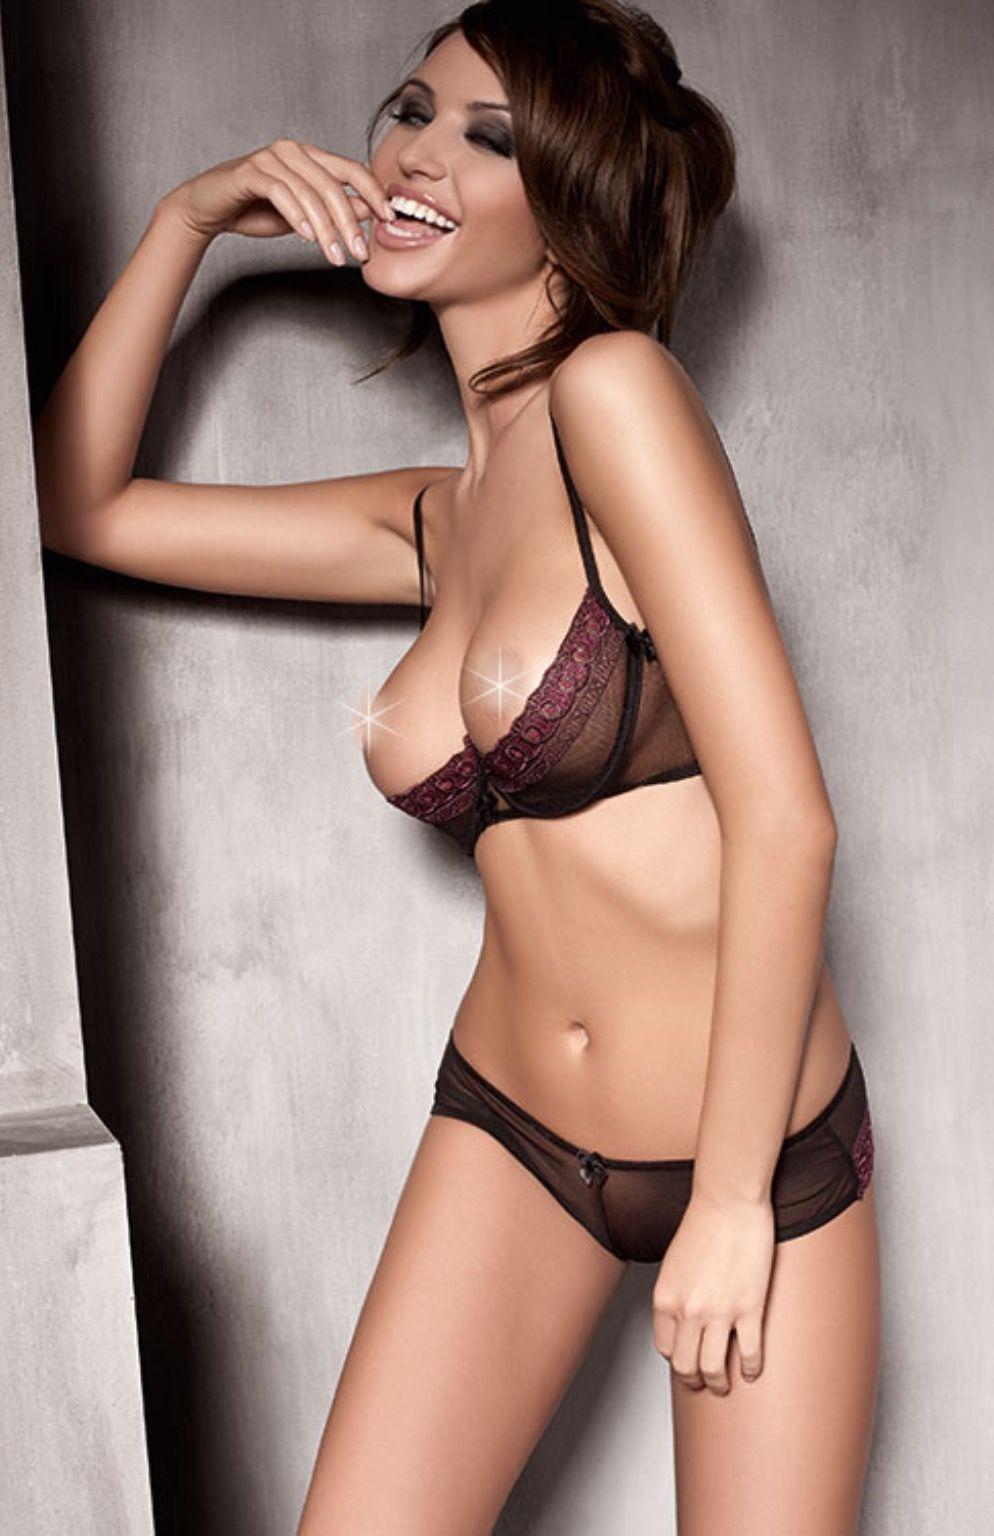 aba12dbe9d8 s.l. Red Lingerie, Lingerie Models, Bra Opening, Bodo, Transgender Female,  Stockings